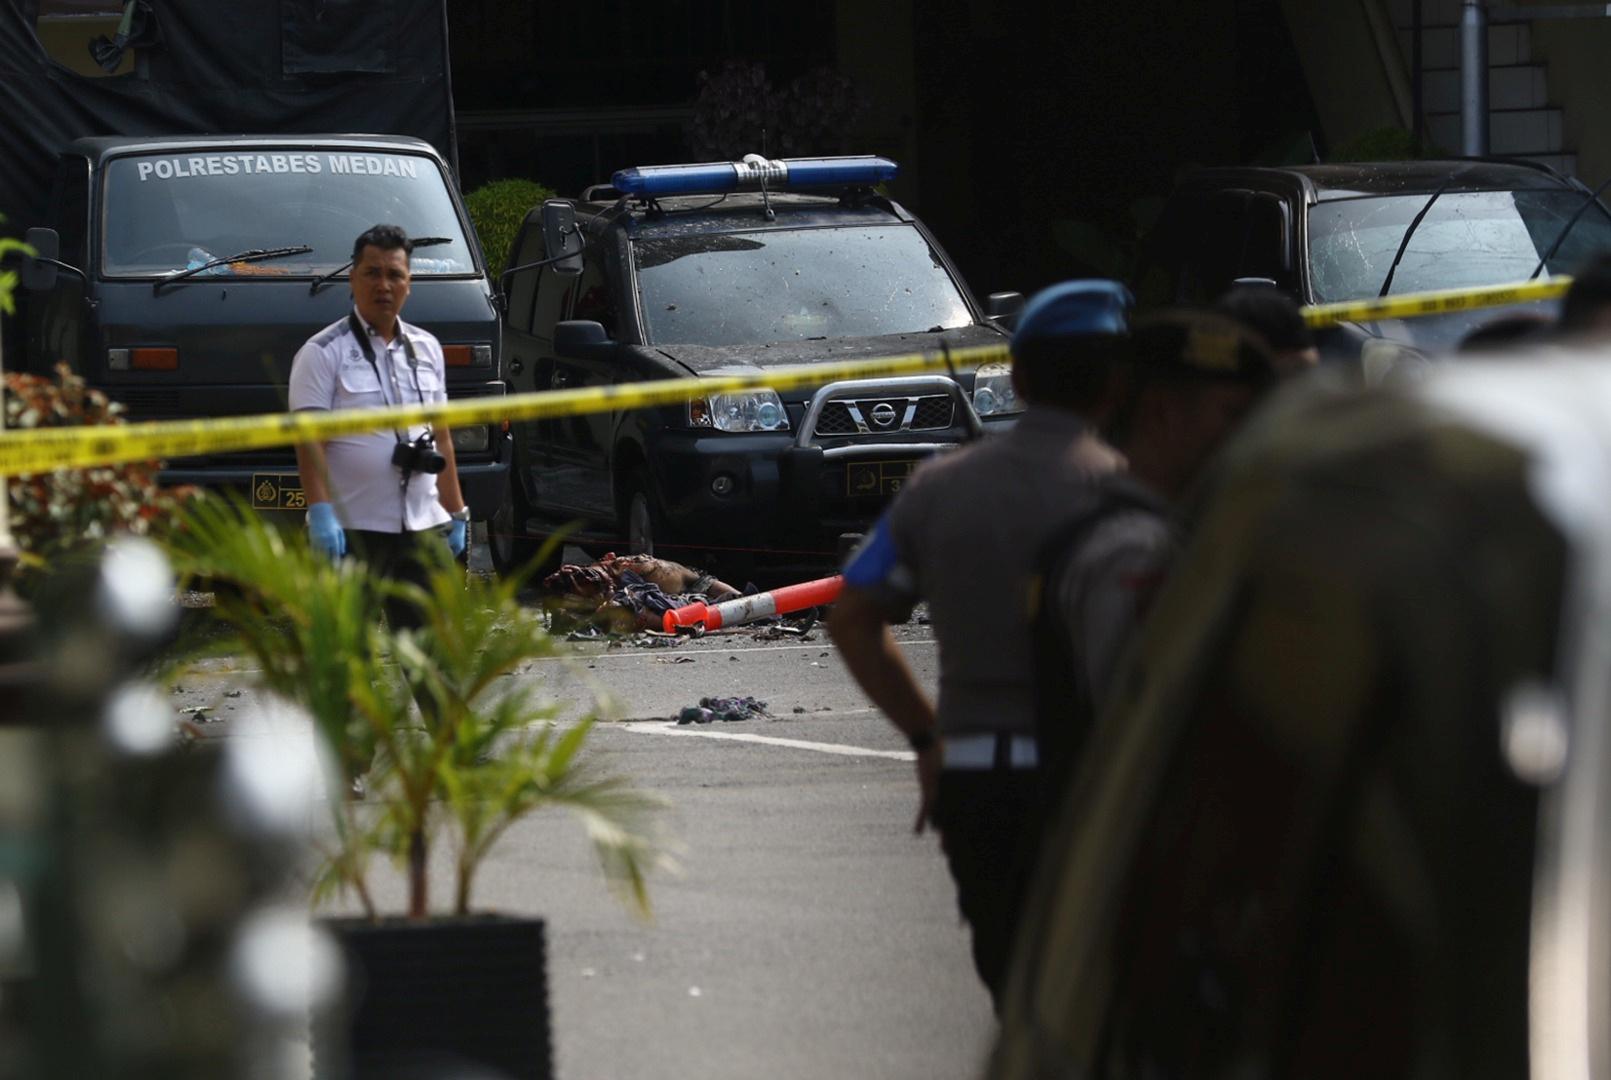 - تفجير انتحاري غرب إندونيسيا يسفرعن قتلى وجرحى